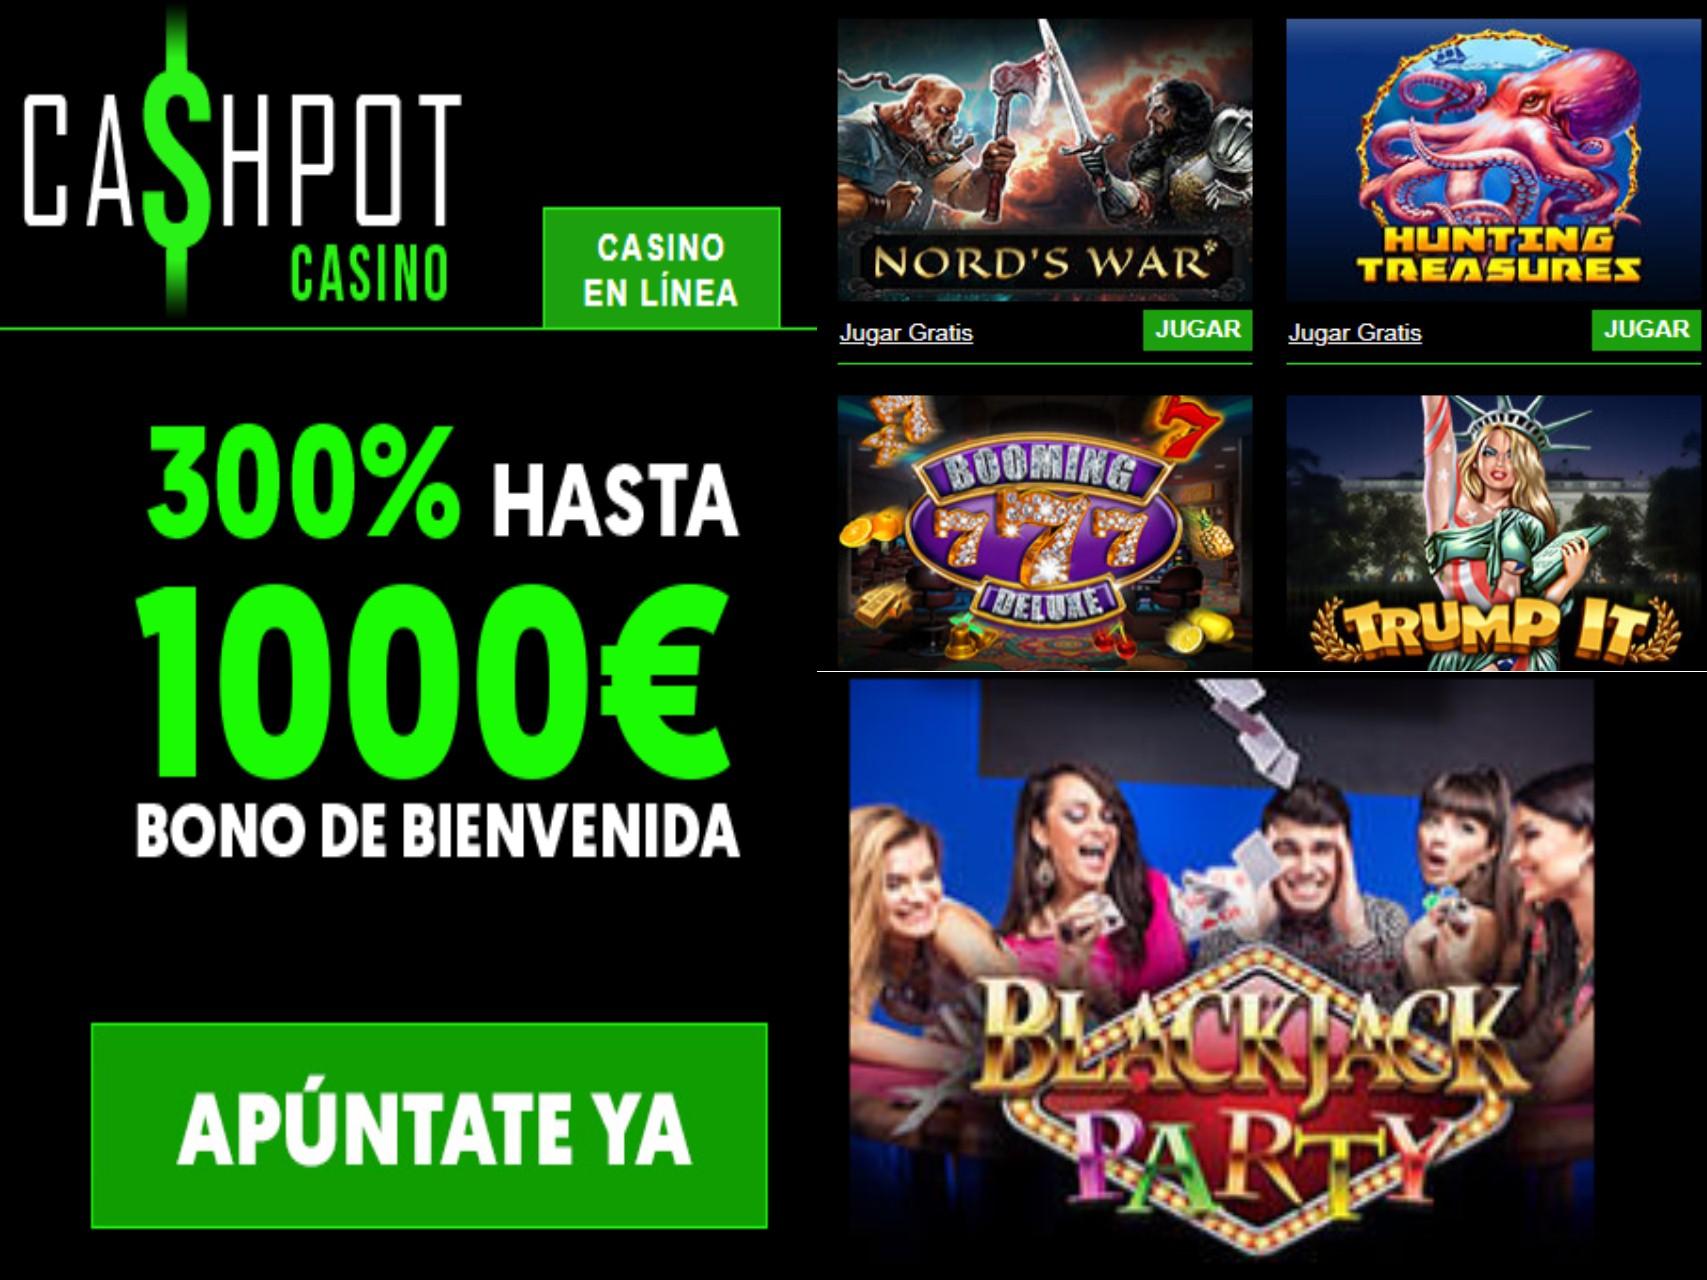 Casino Cashpot entrega 300% hasta por 1000 euros a los nuevos jugadores